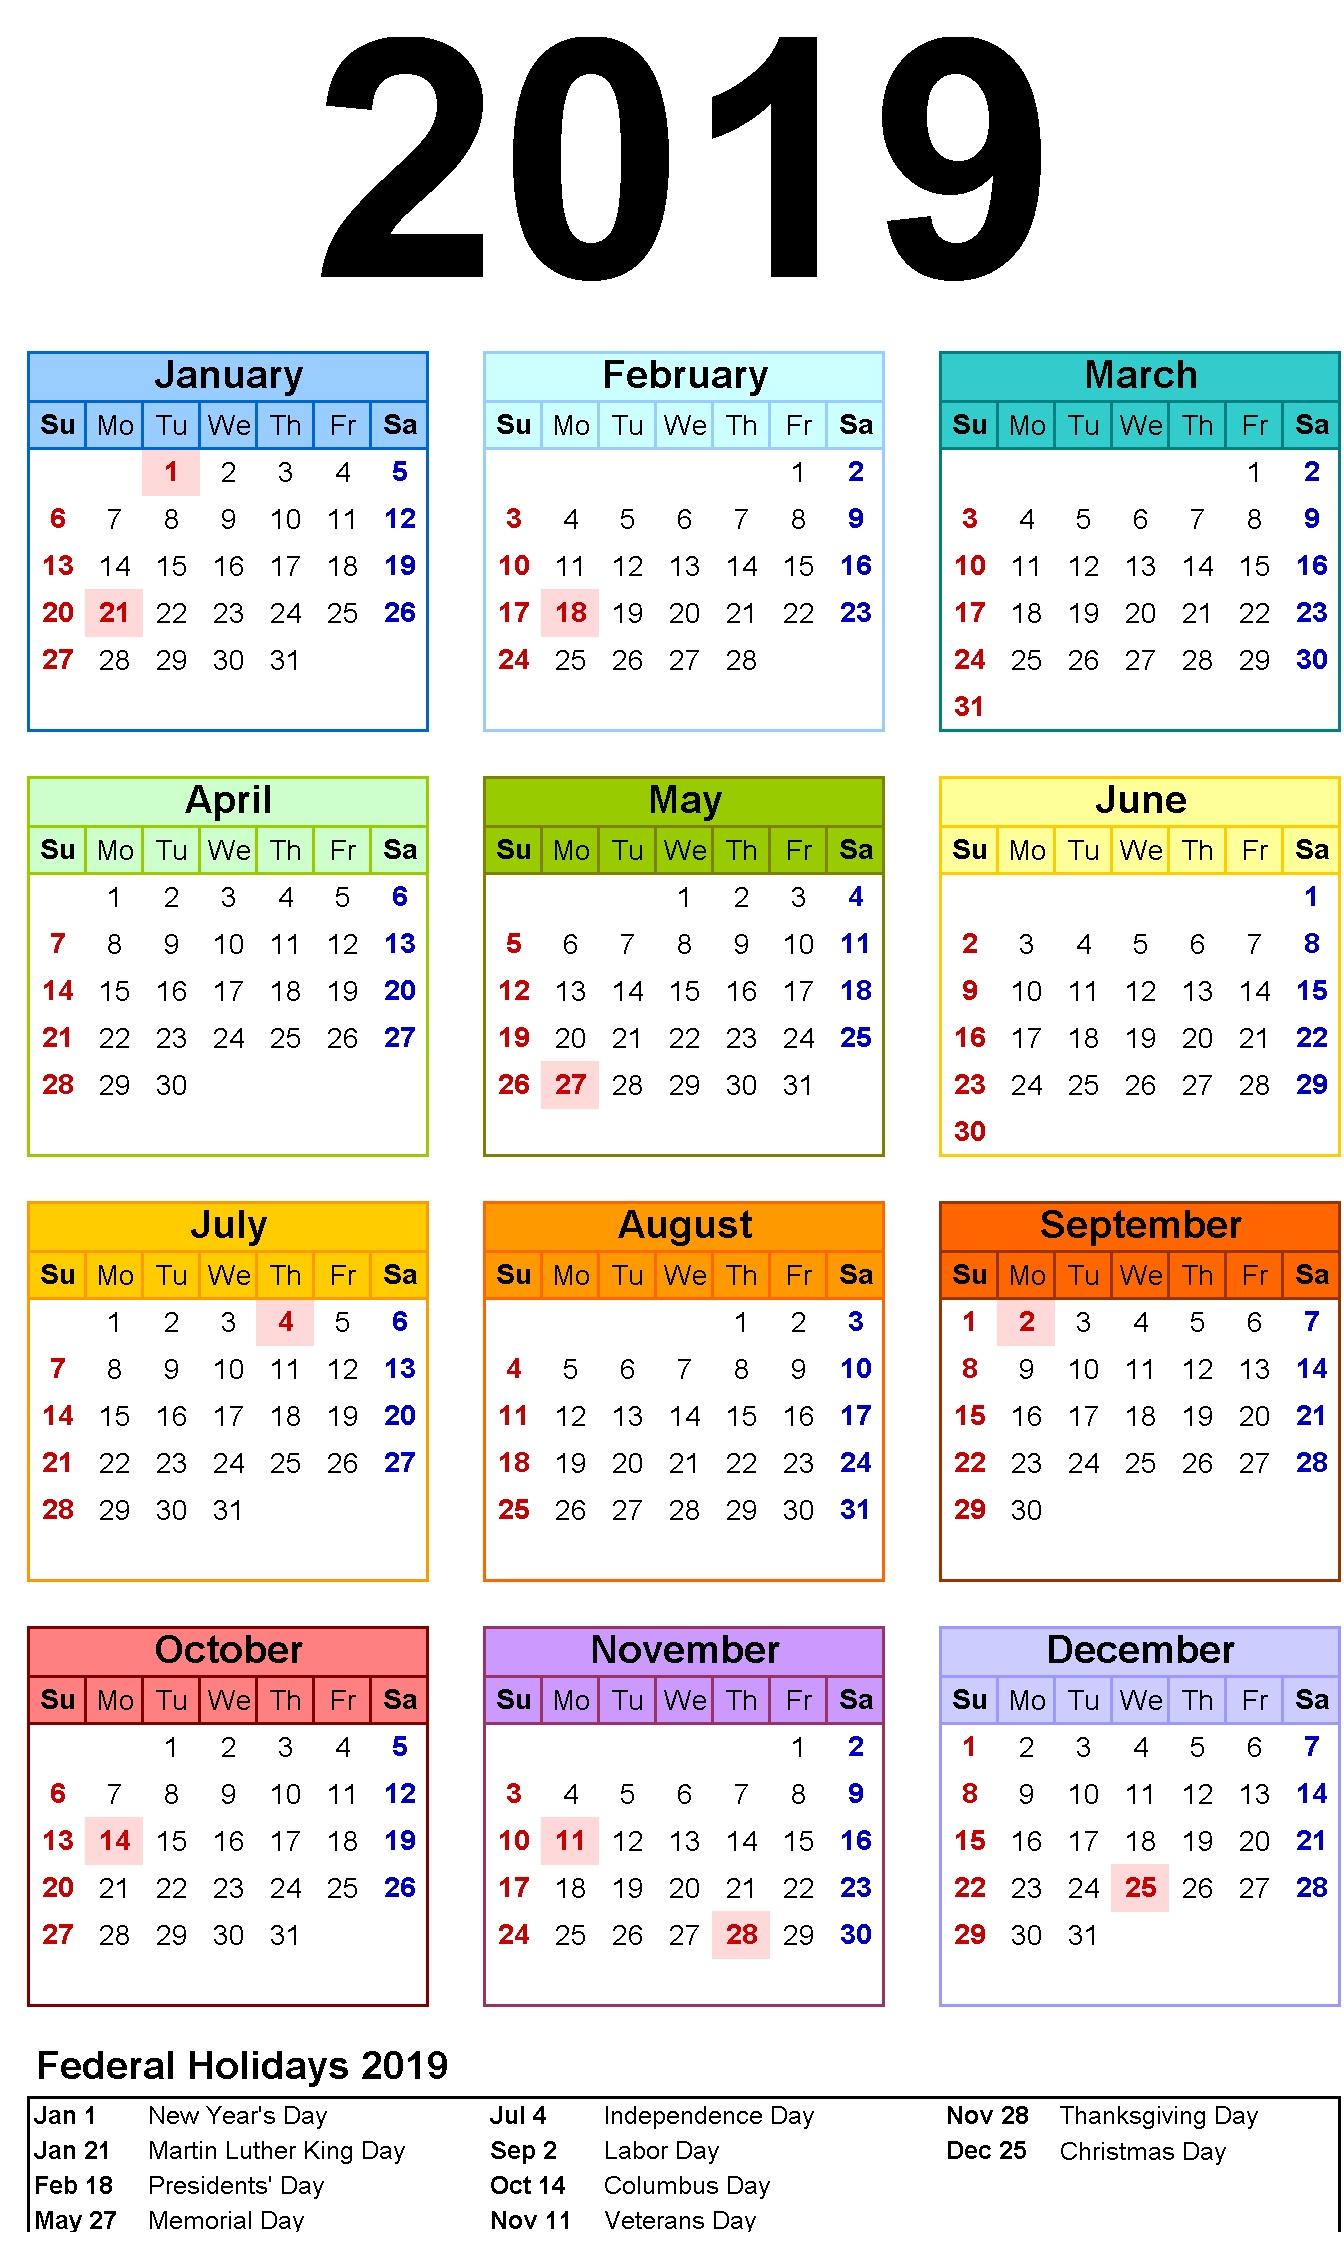 Dashing Gwinnett County School Calendar 2019 20 • Printable Blank Gwinnett County School Calendar 2019 20